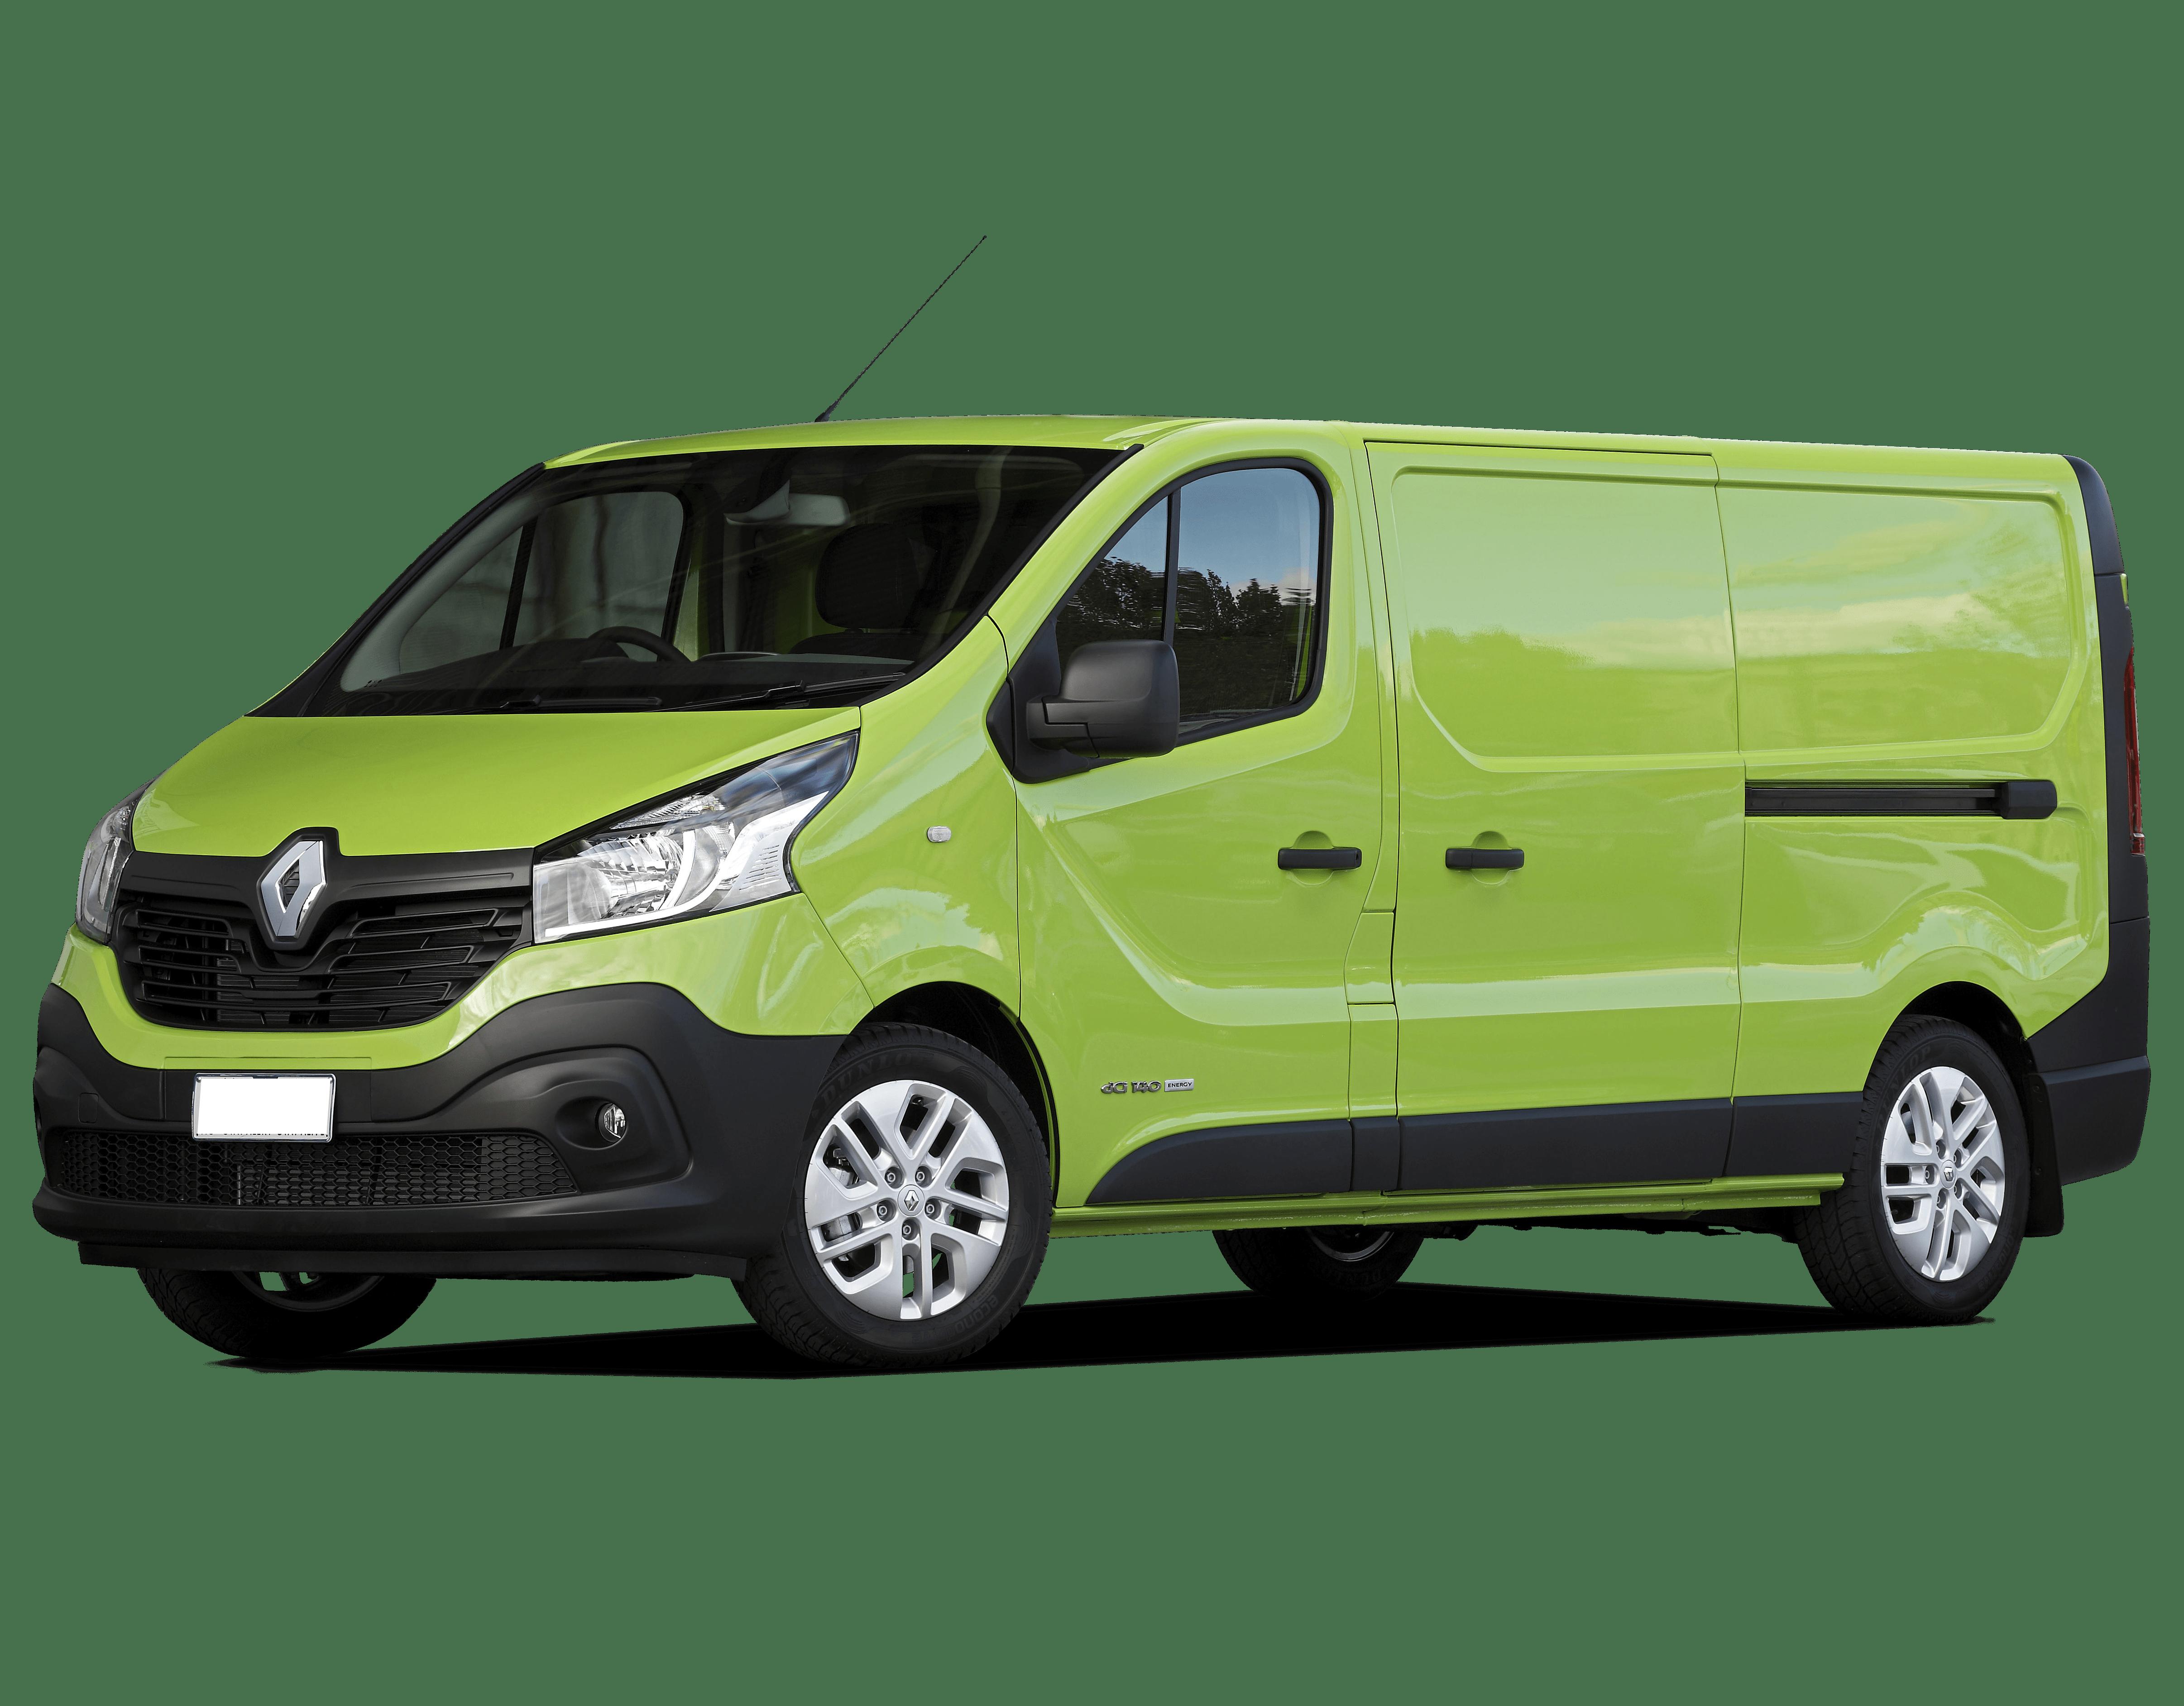 06b4f746e1 Renault Trafic Reviews